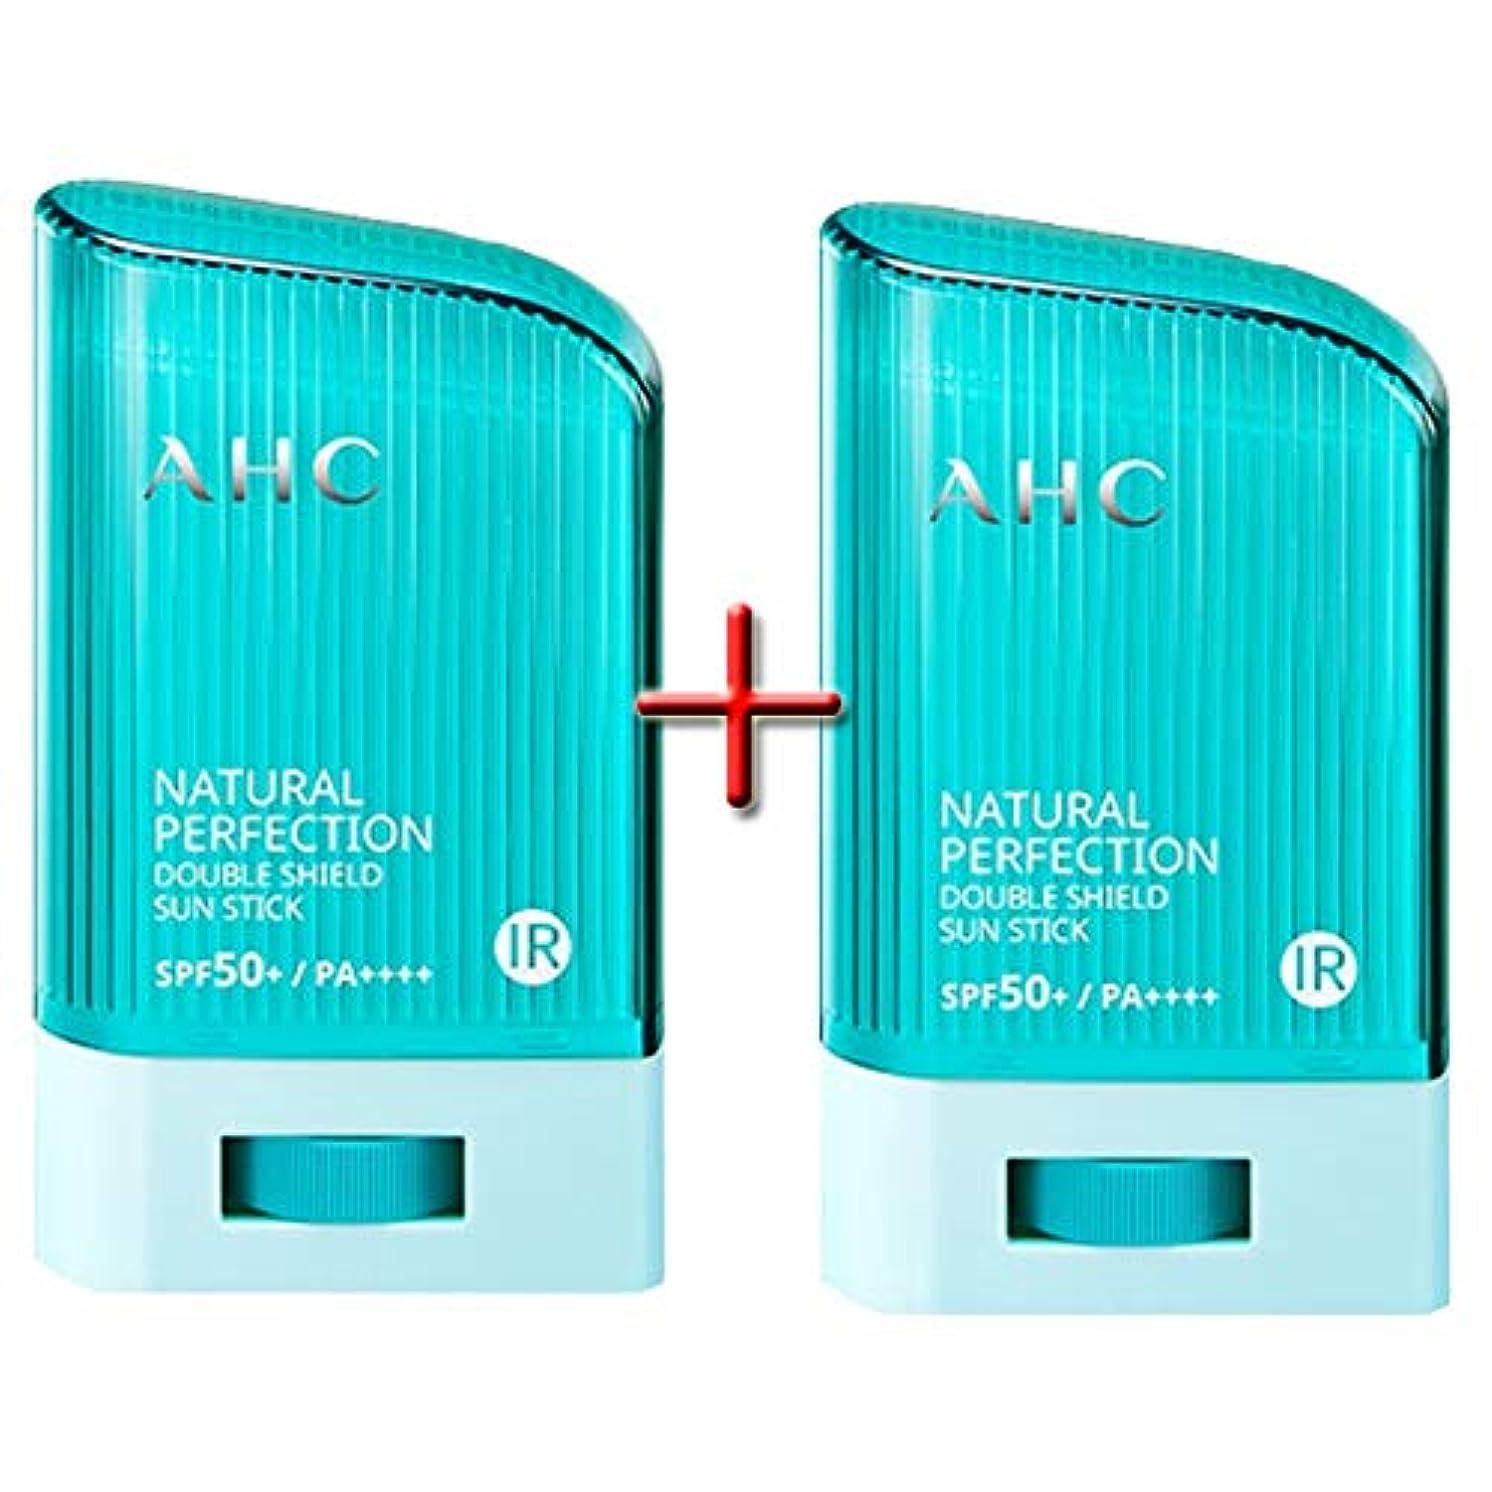 メディカル試す栄光の[ 1+1 ] AHC ナチュラルパーフェクションダブルシールドサンスティック 22g, Natural Perfection Double Shield Sun Stick SPF50+ PA++++